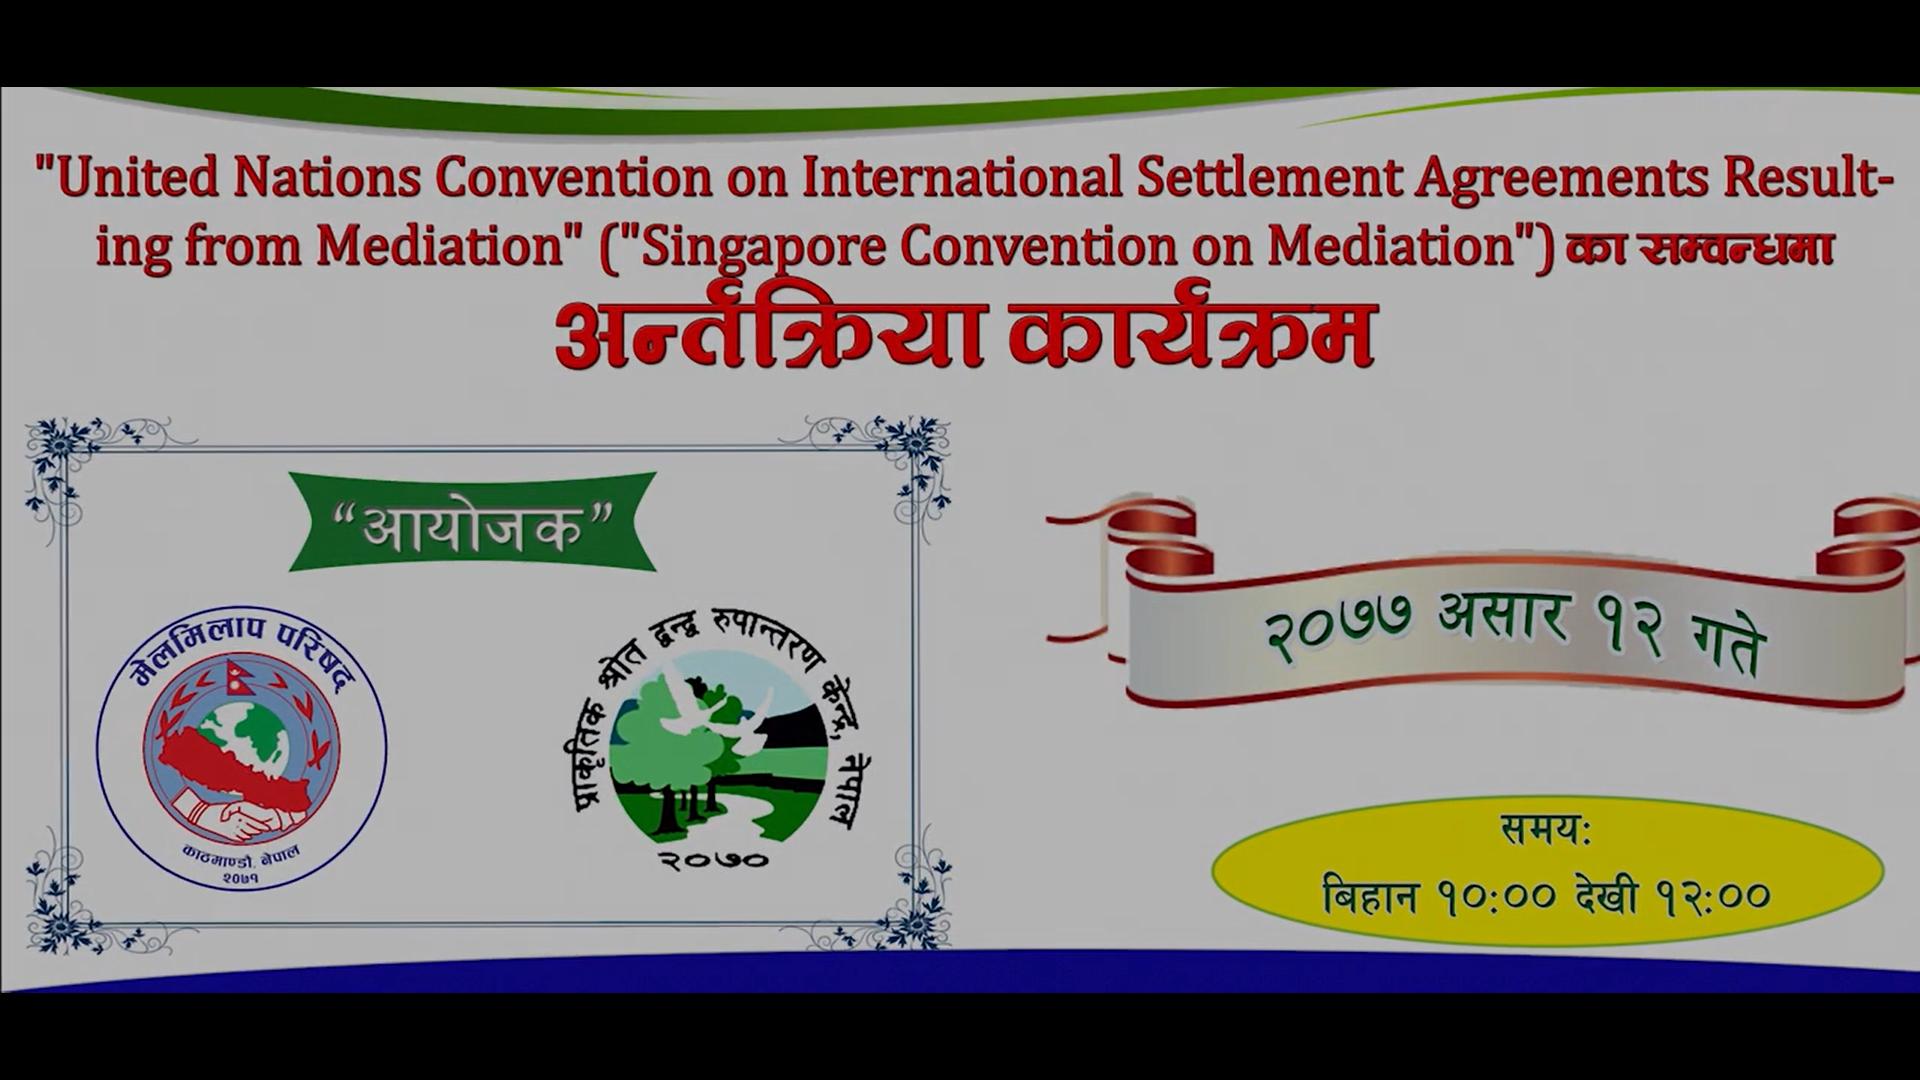 Singapore Convention on Mediation का सम्बन्धमा अन्तक्र्रिया कार्यक्रम